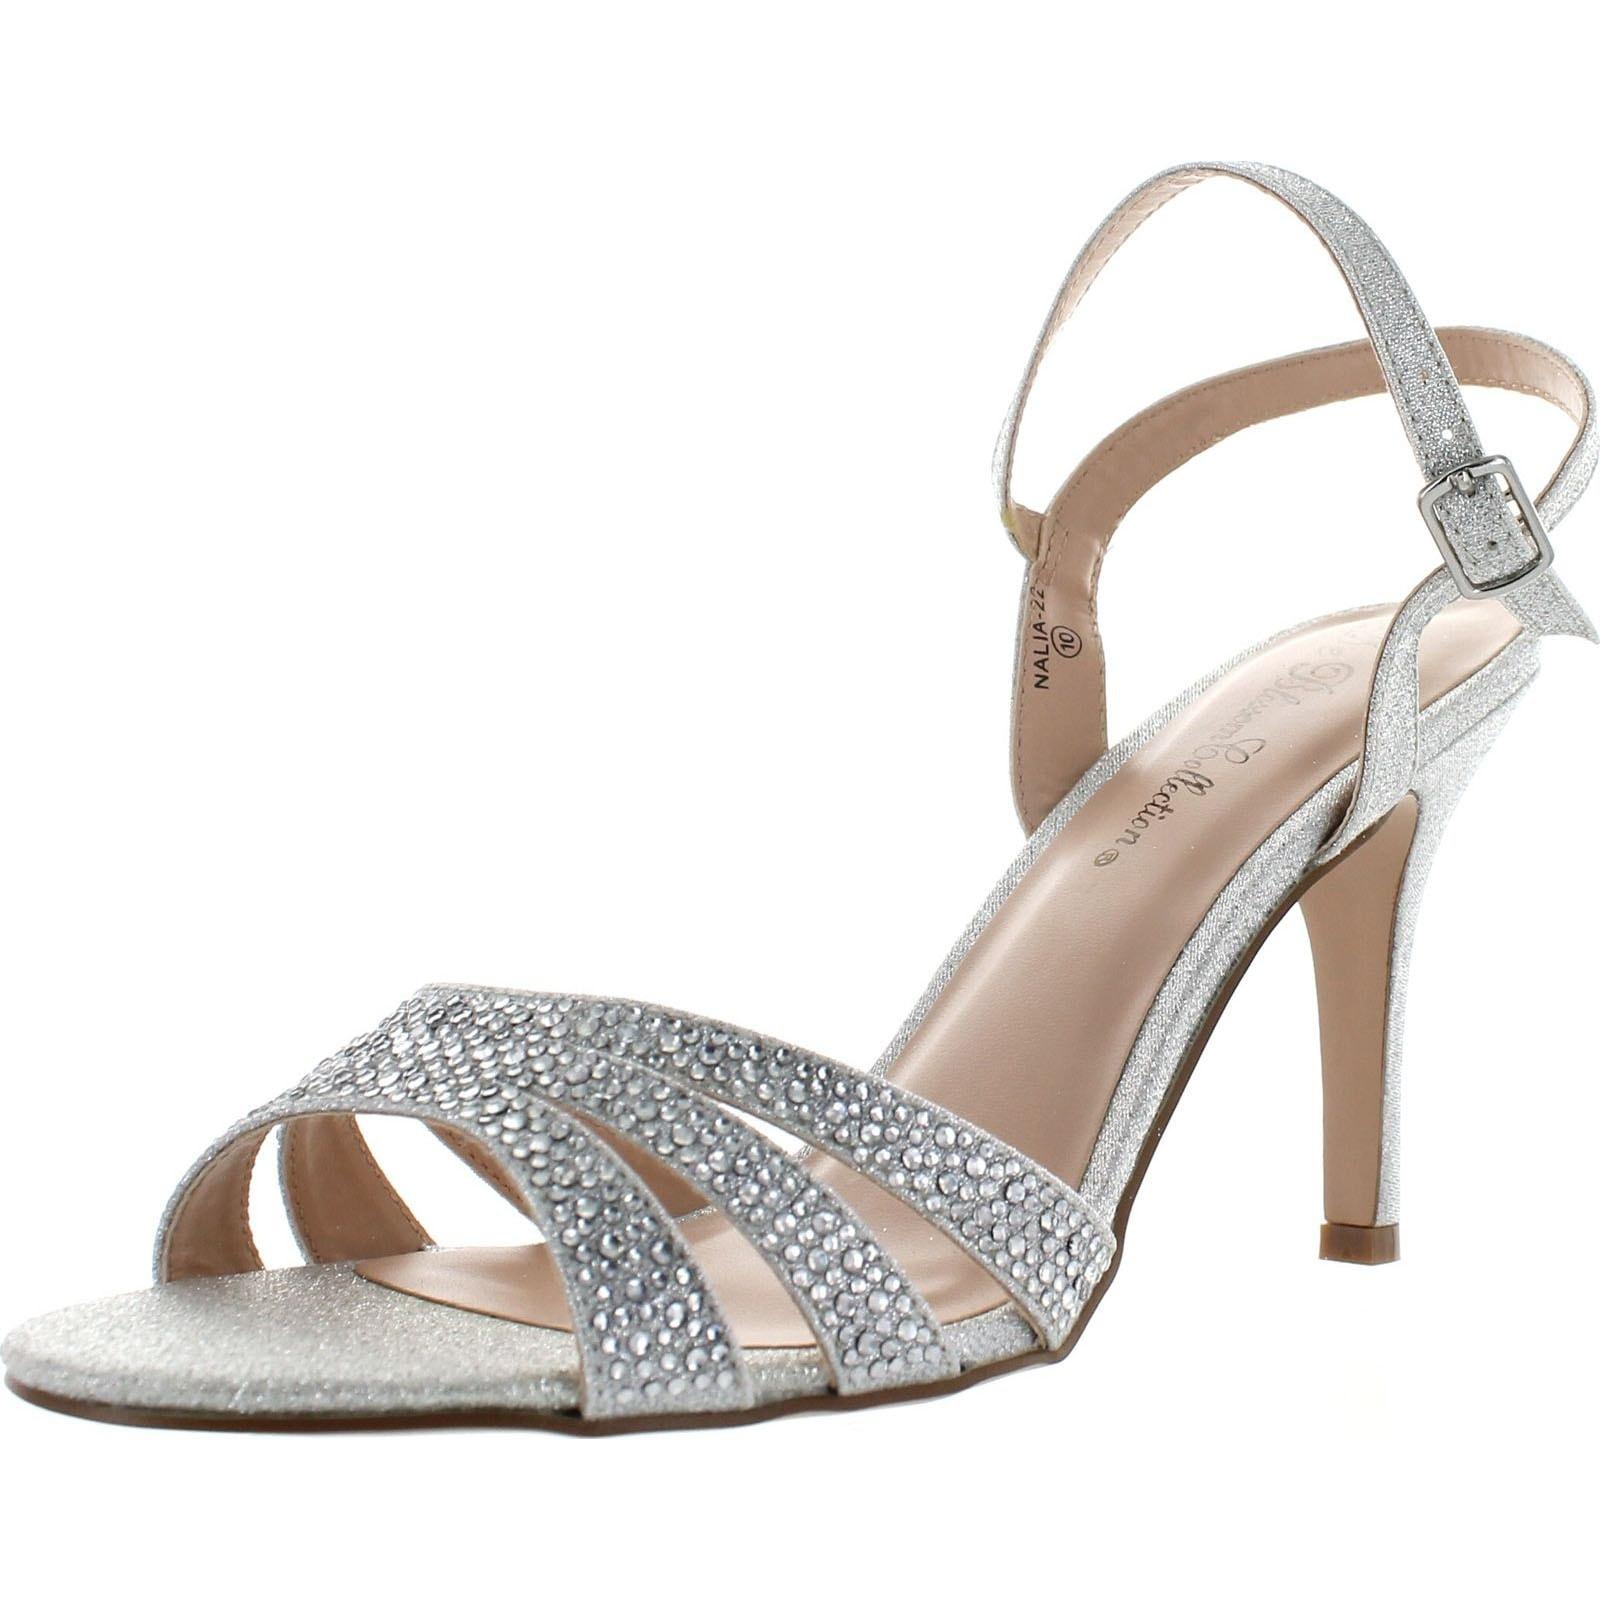 9d0d7df0c8c De Blossom Collection Womens Nalia-22 Mid Heel Ankle Strap Dress Sandals -  Silver Sparkle